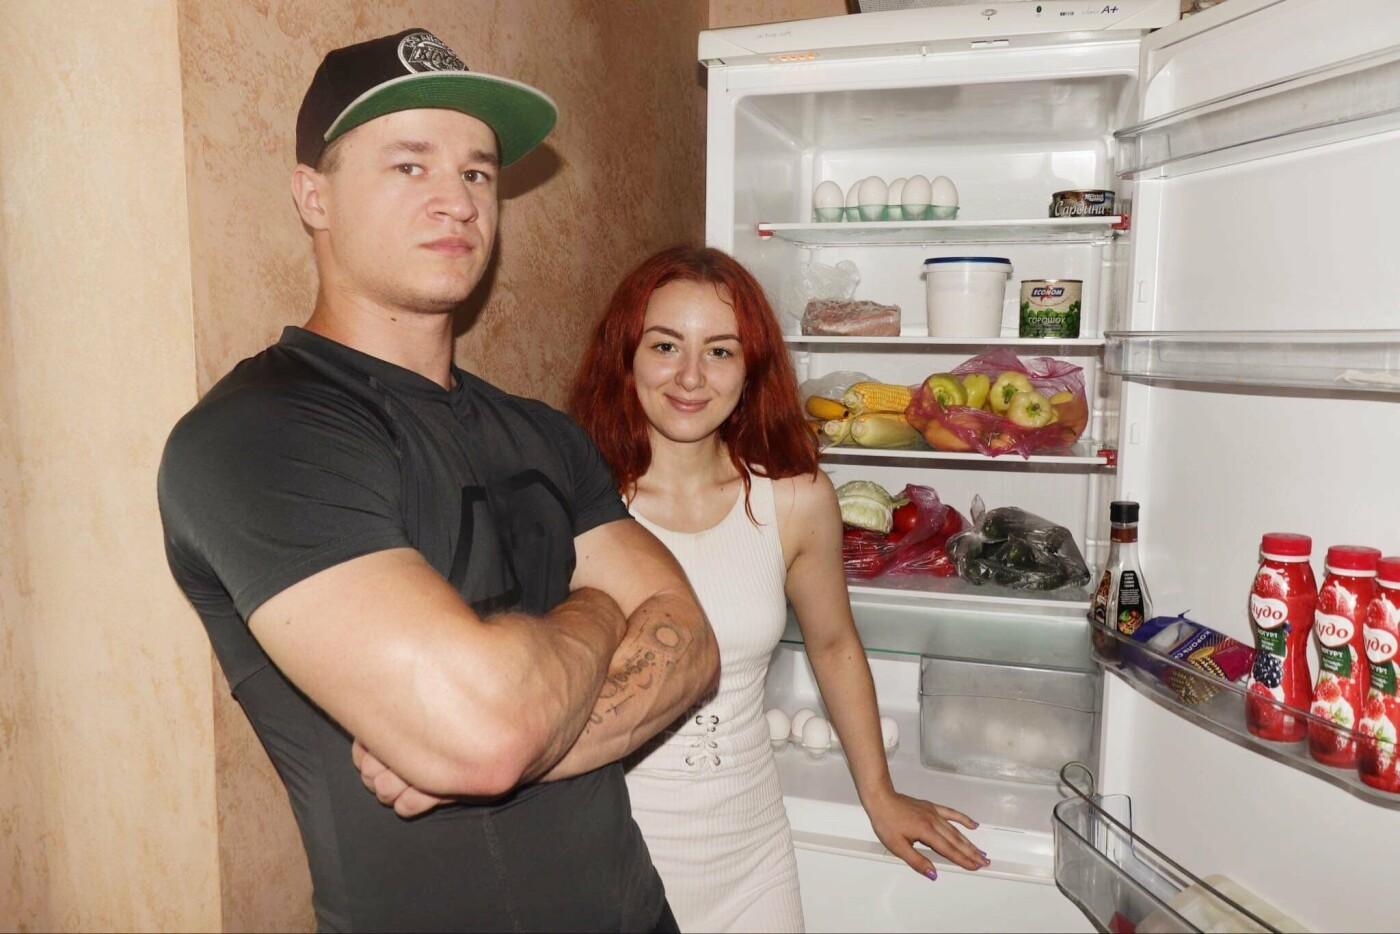 Що в холодильнику тренера: ужгородські спортсмени показали чим харчуються (ФОТО), фото-4